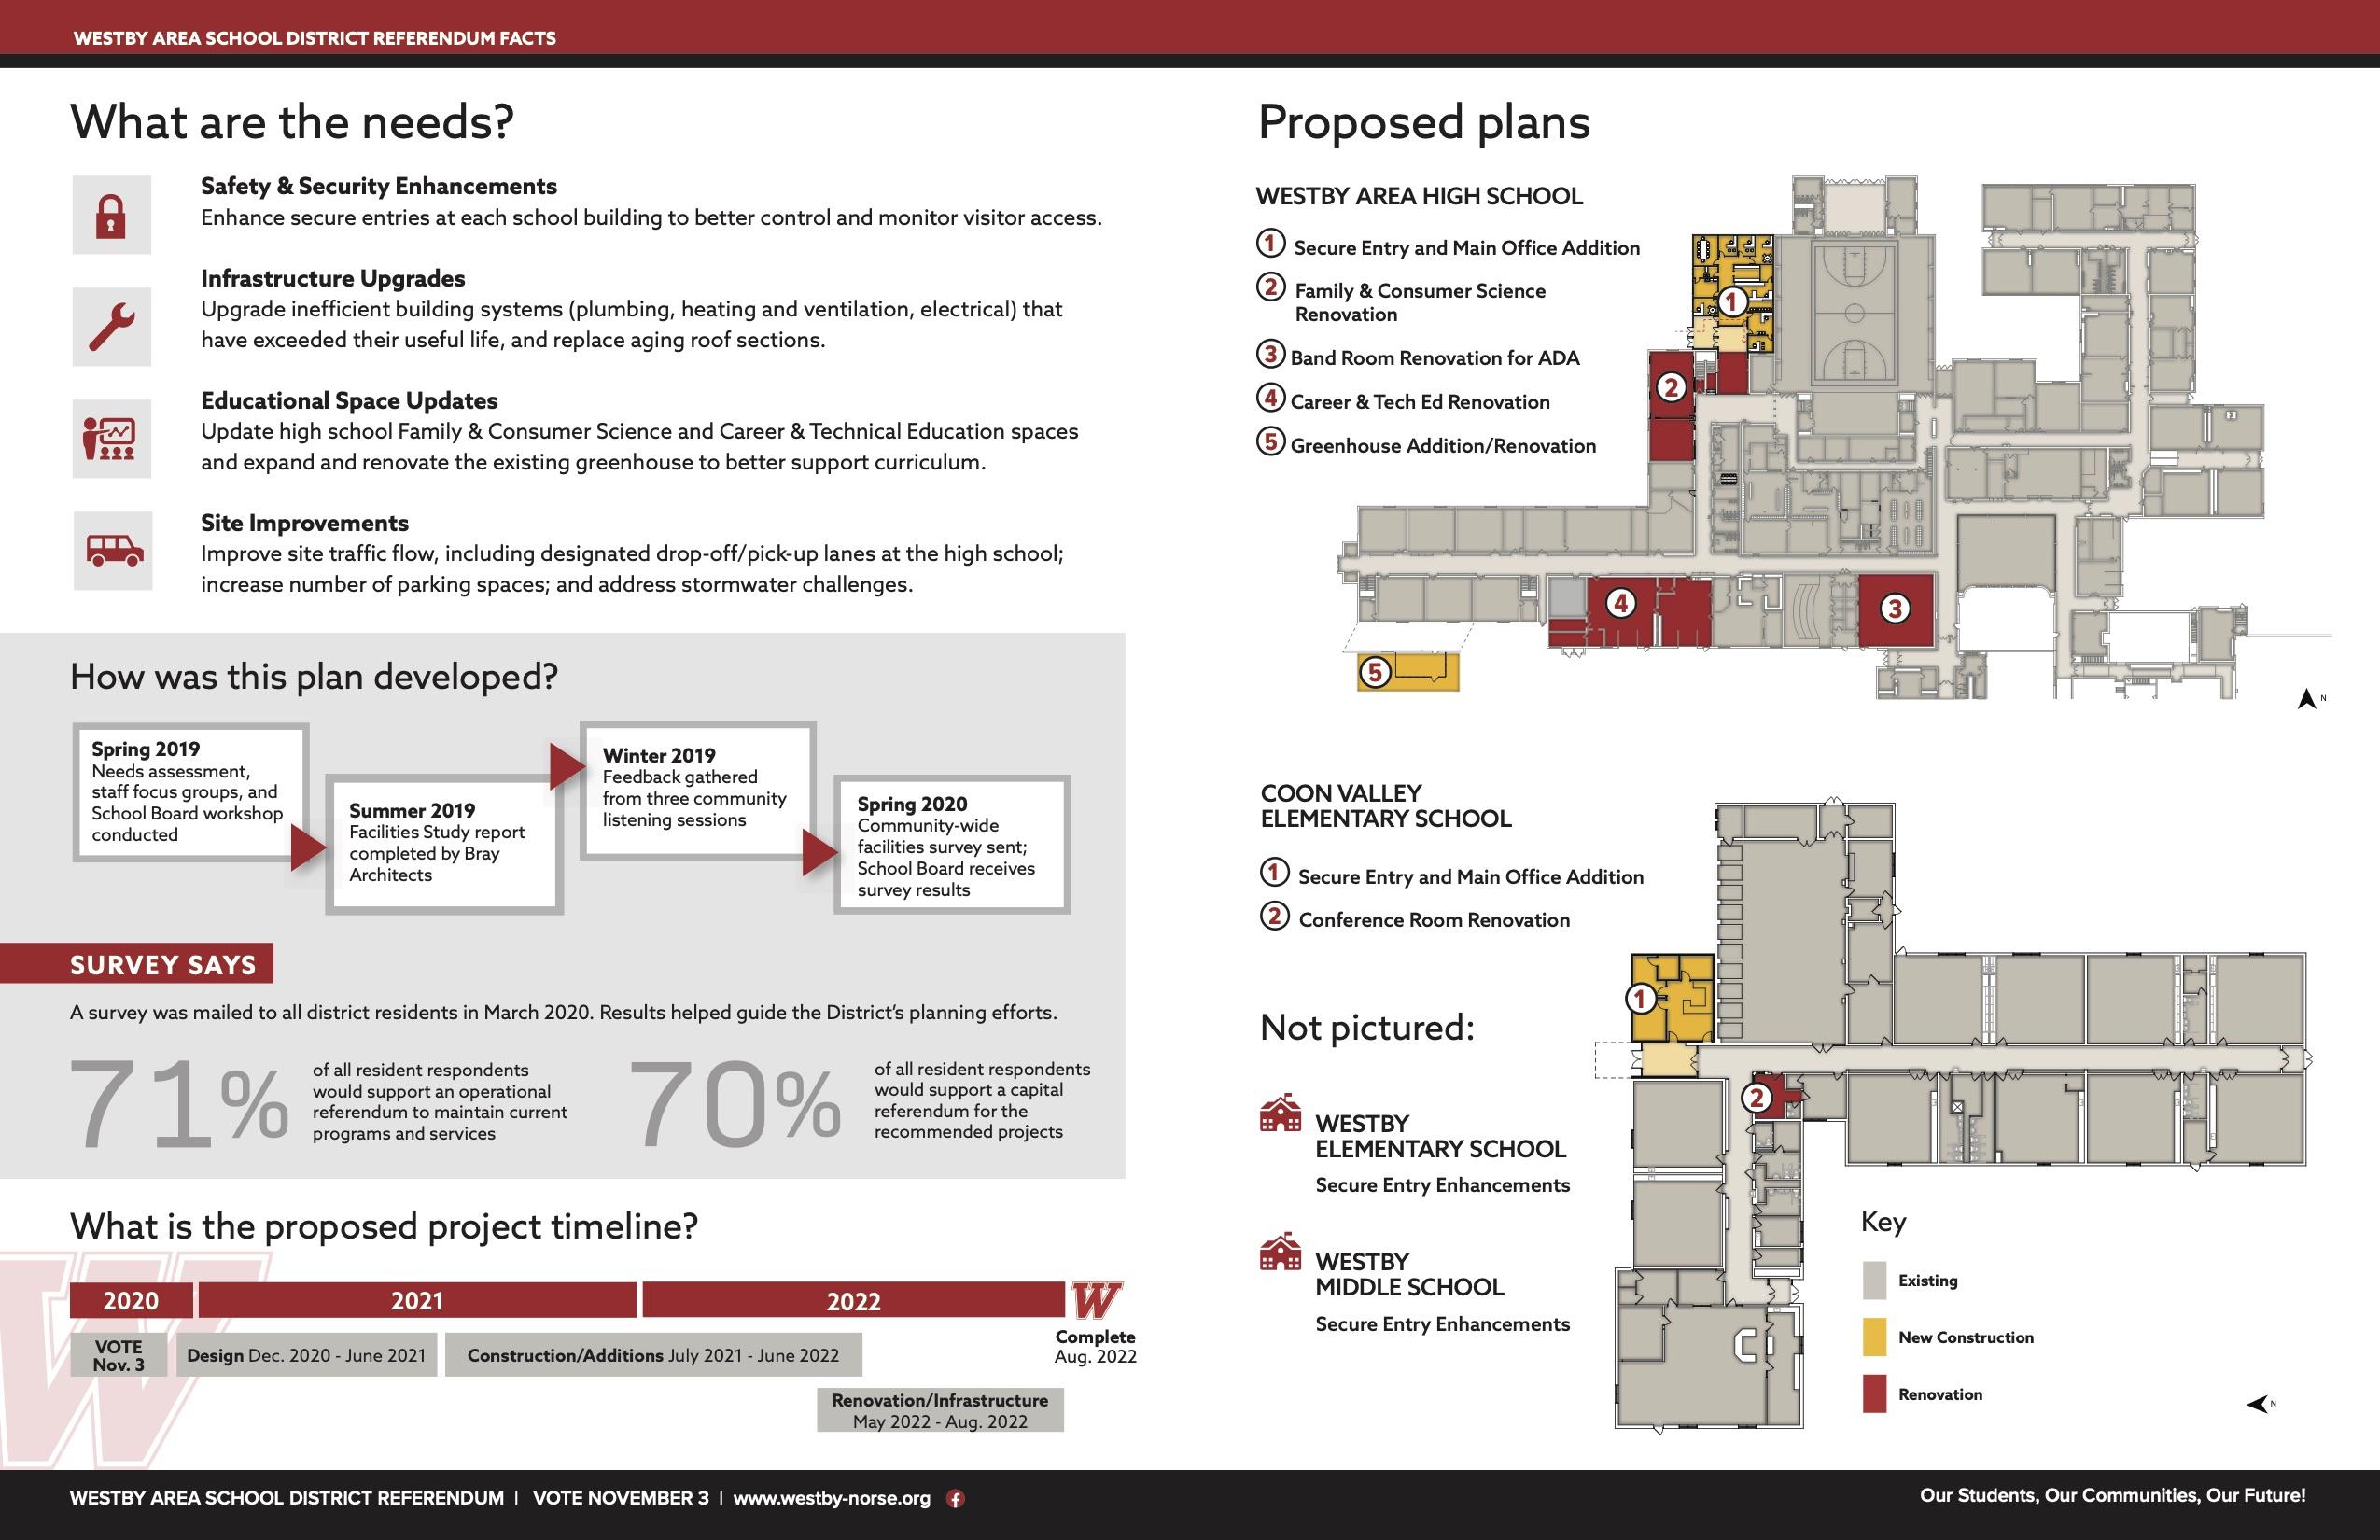 PDF detailing conceptual plans for WASD Referendum